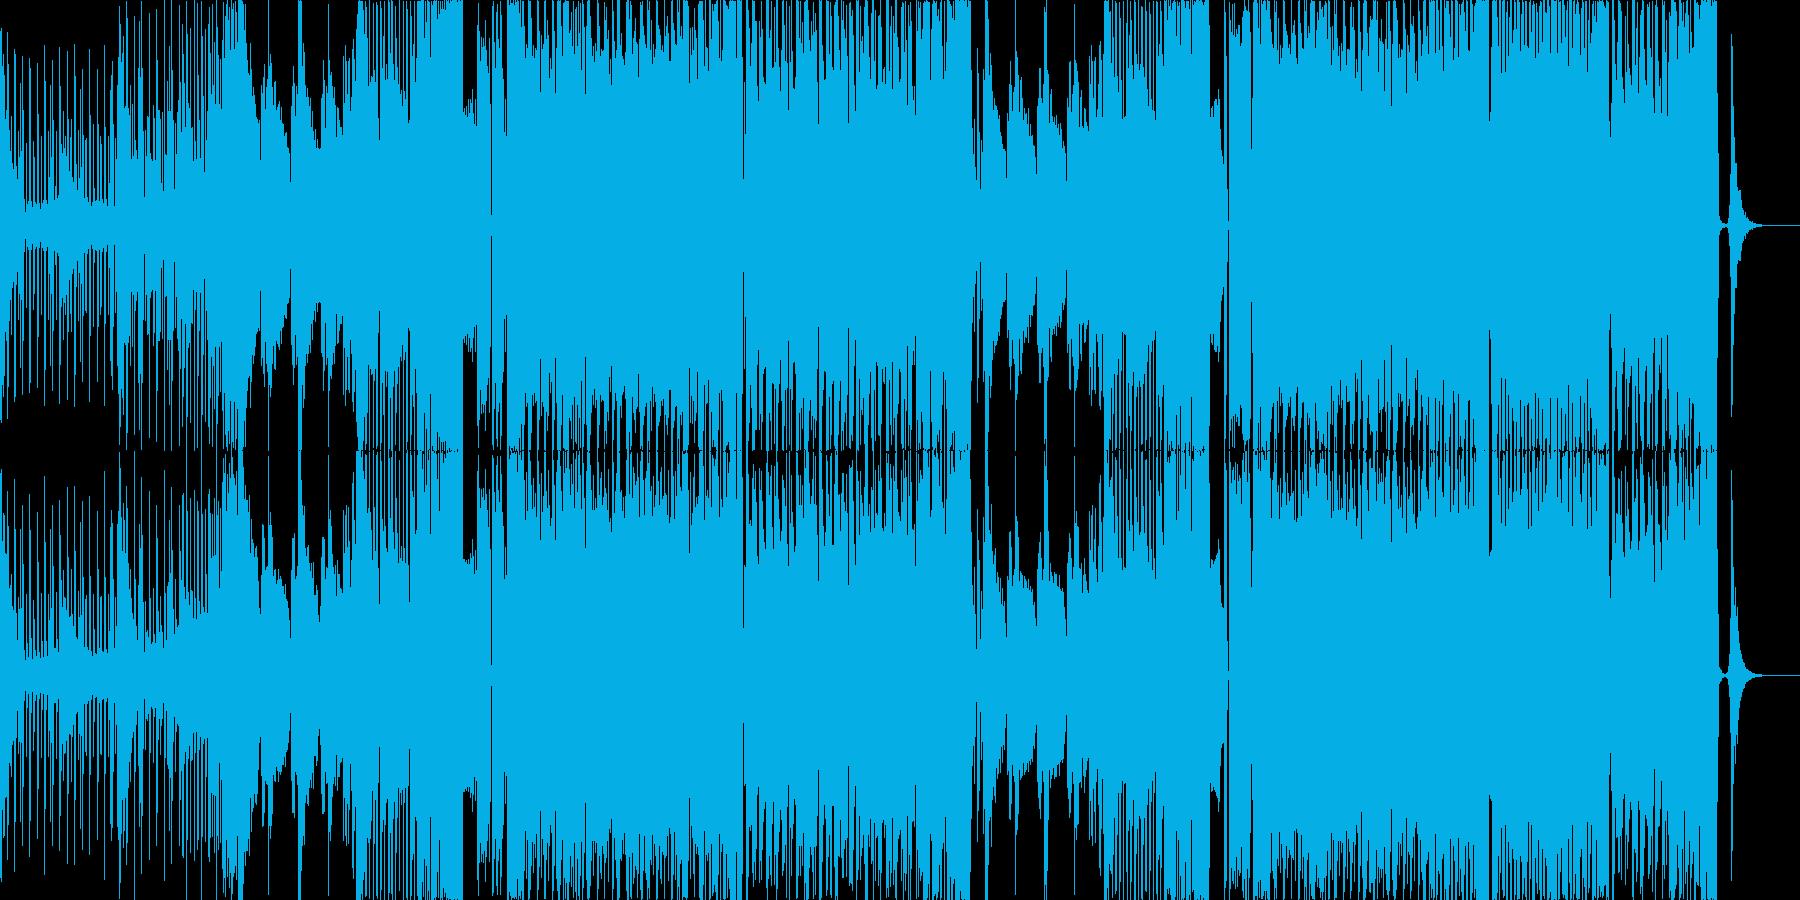 暗い雰囲気のベースミュージックの再生済みの波形